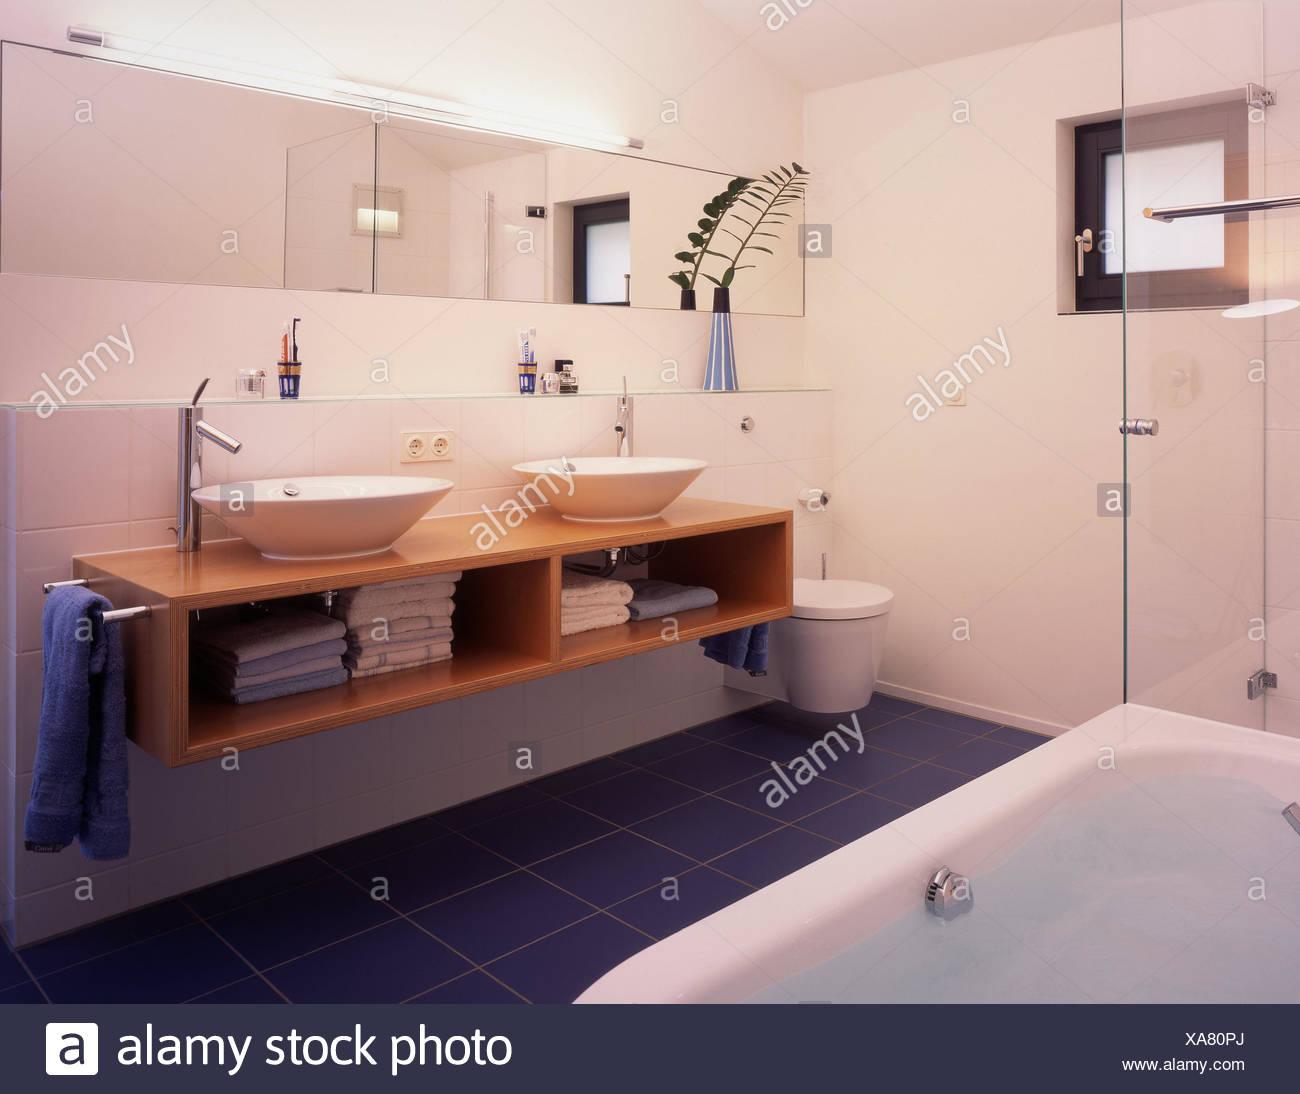 Bader Innenaufnahme Detail Waschbecken Badewanne Innen